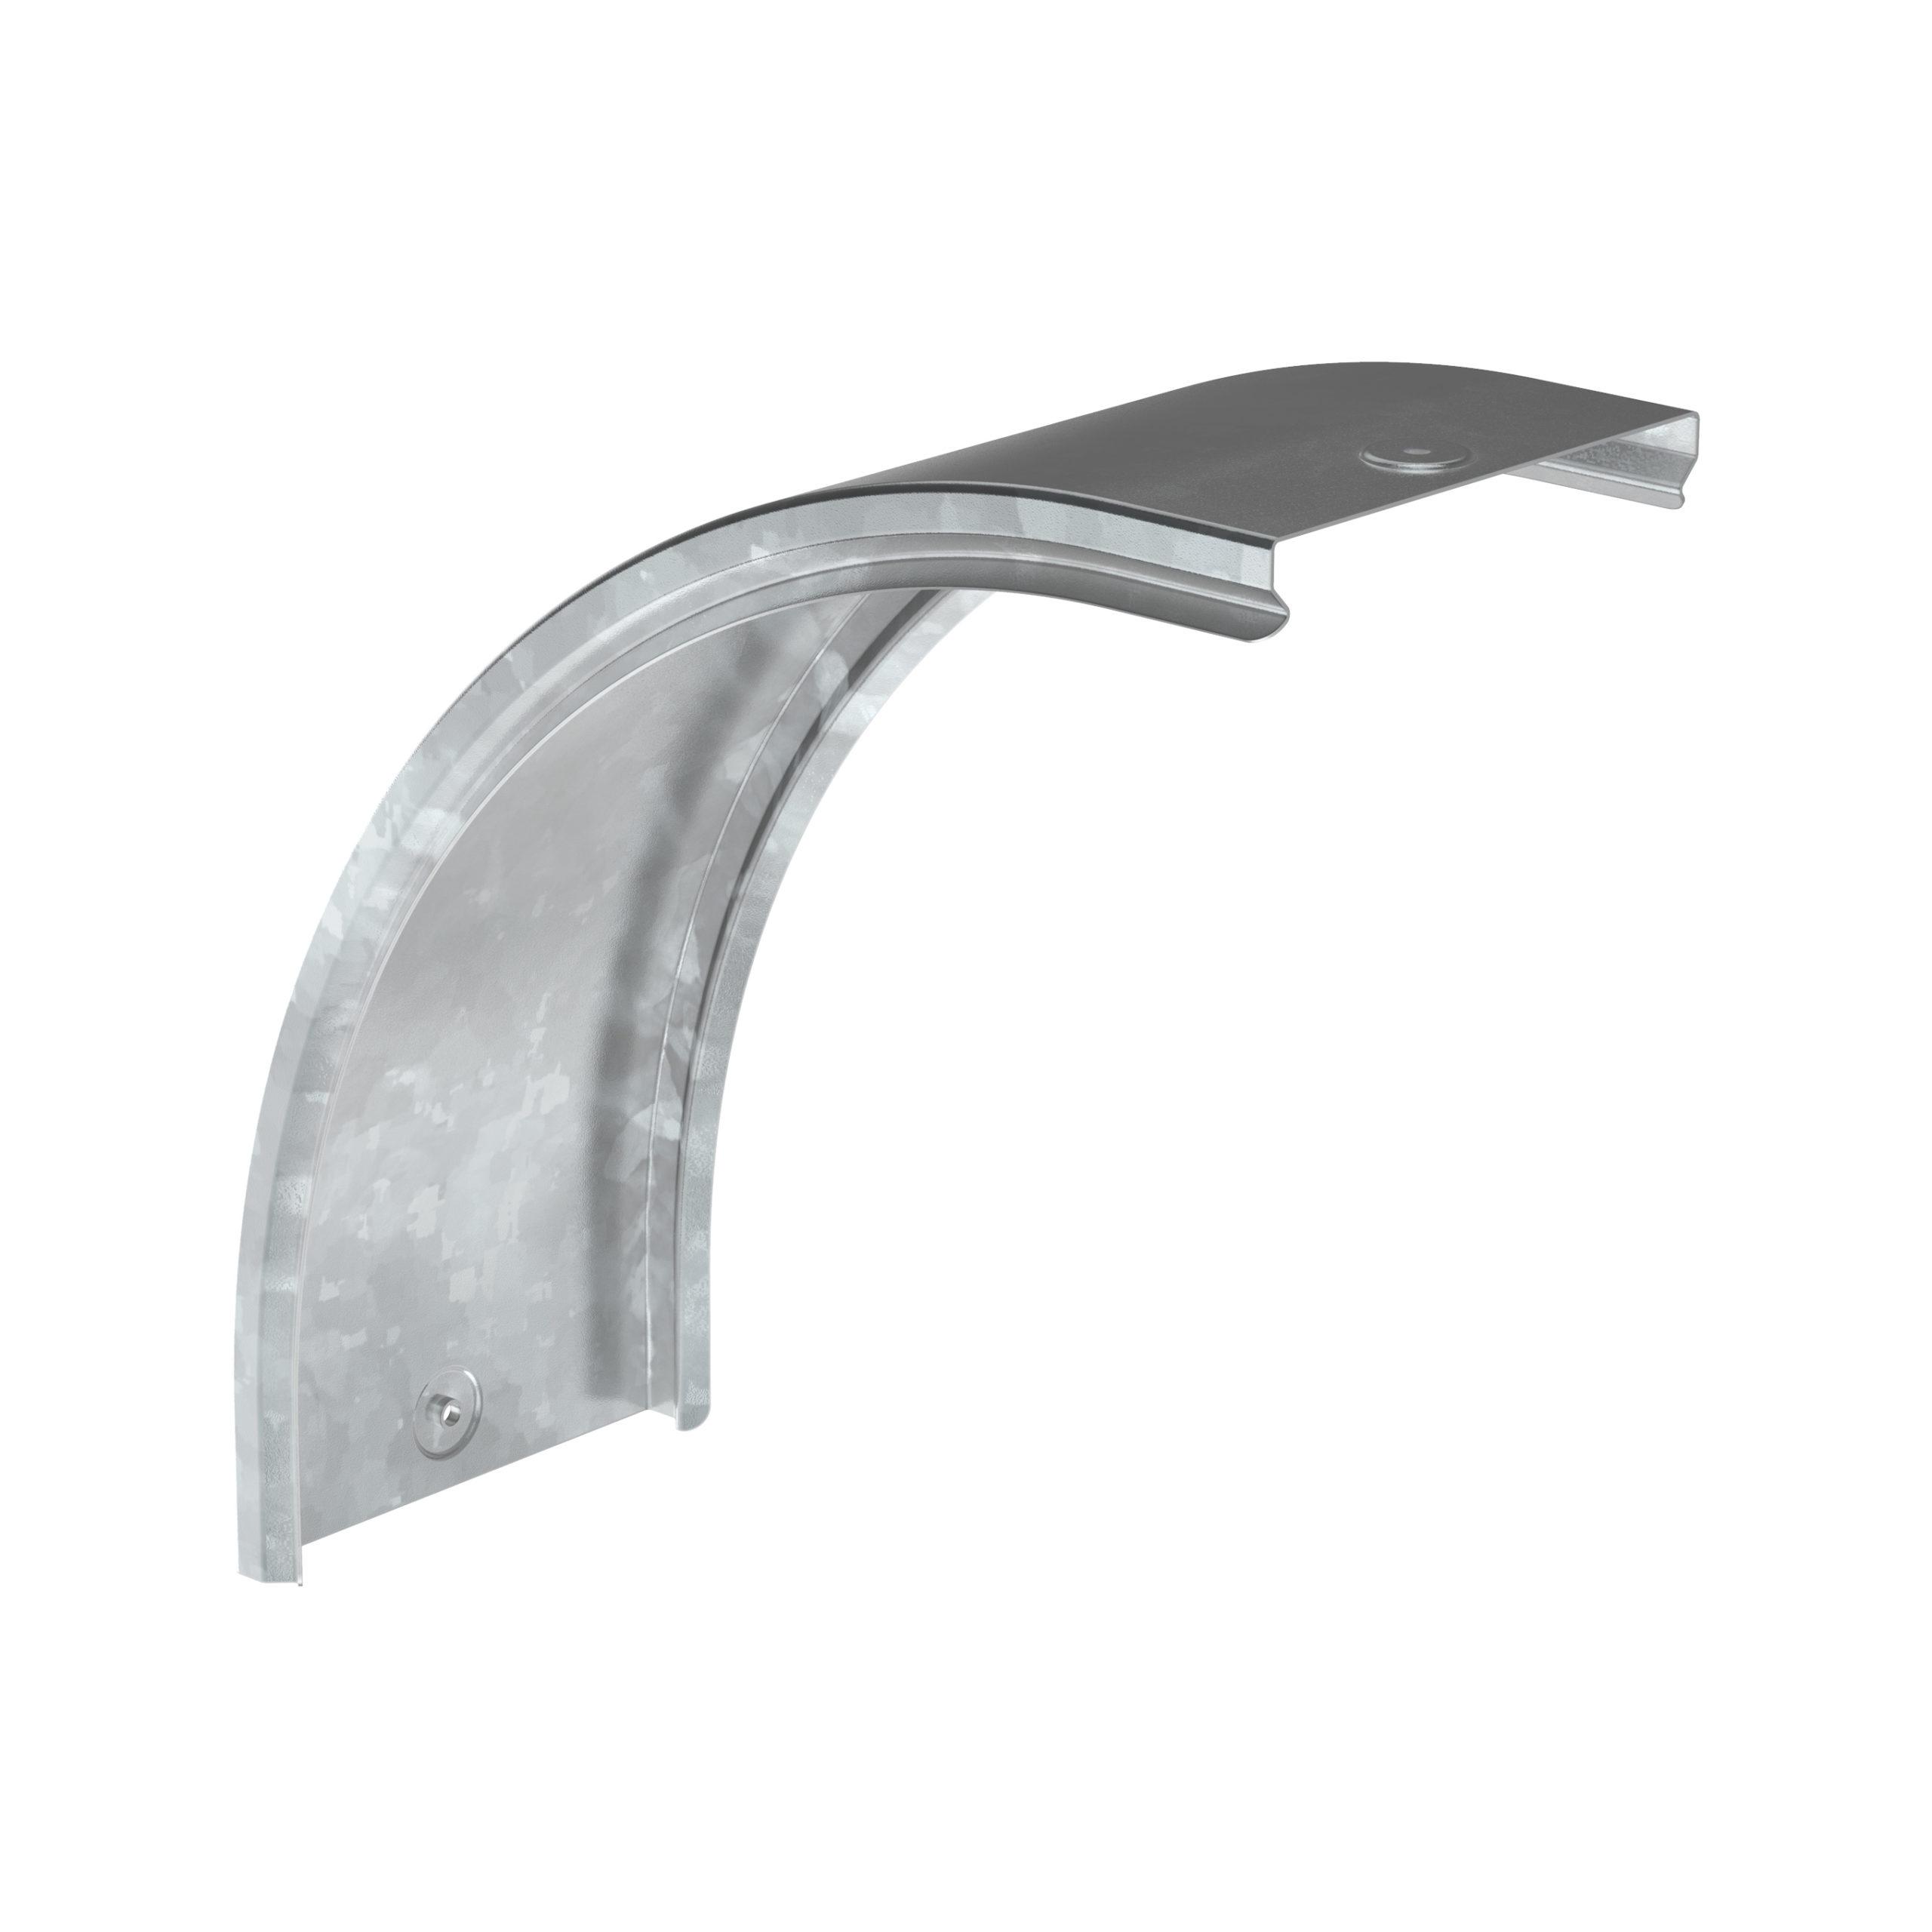 Крышка поворота плавного 90град вертикального внешнего (тип В20) ESCA 150мм HDZ IEK 1